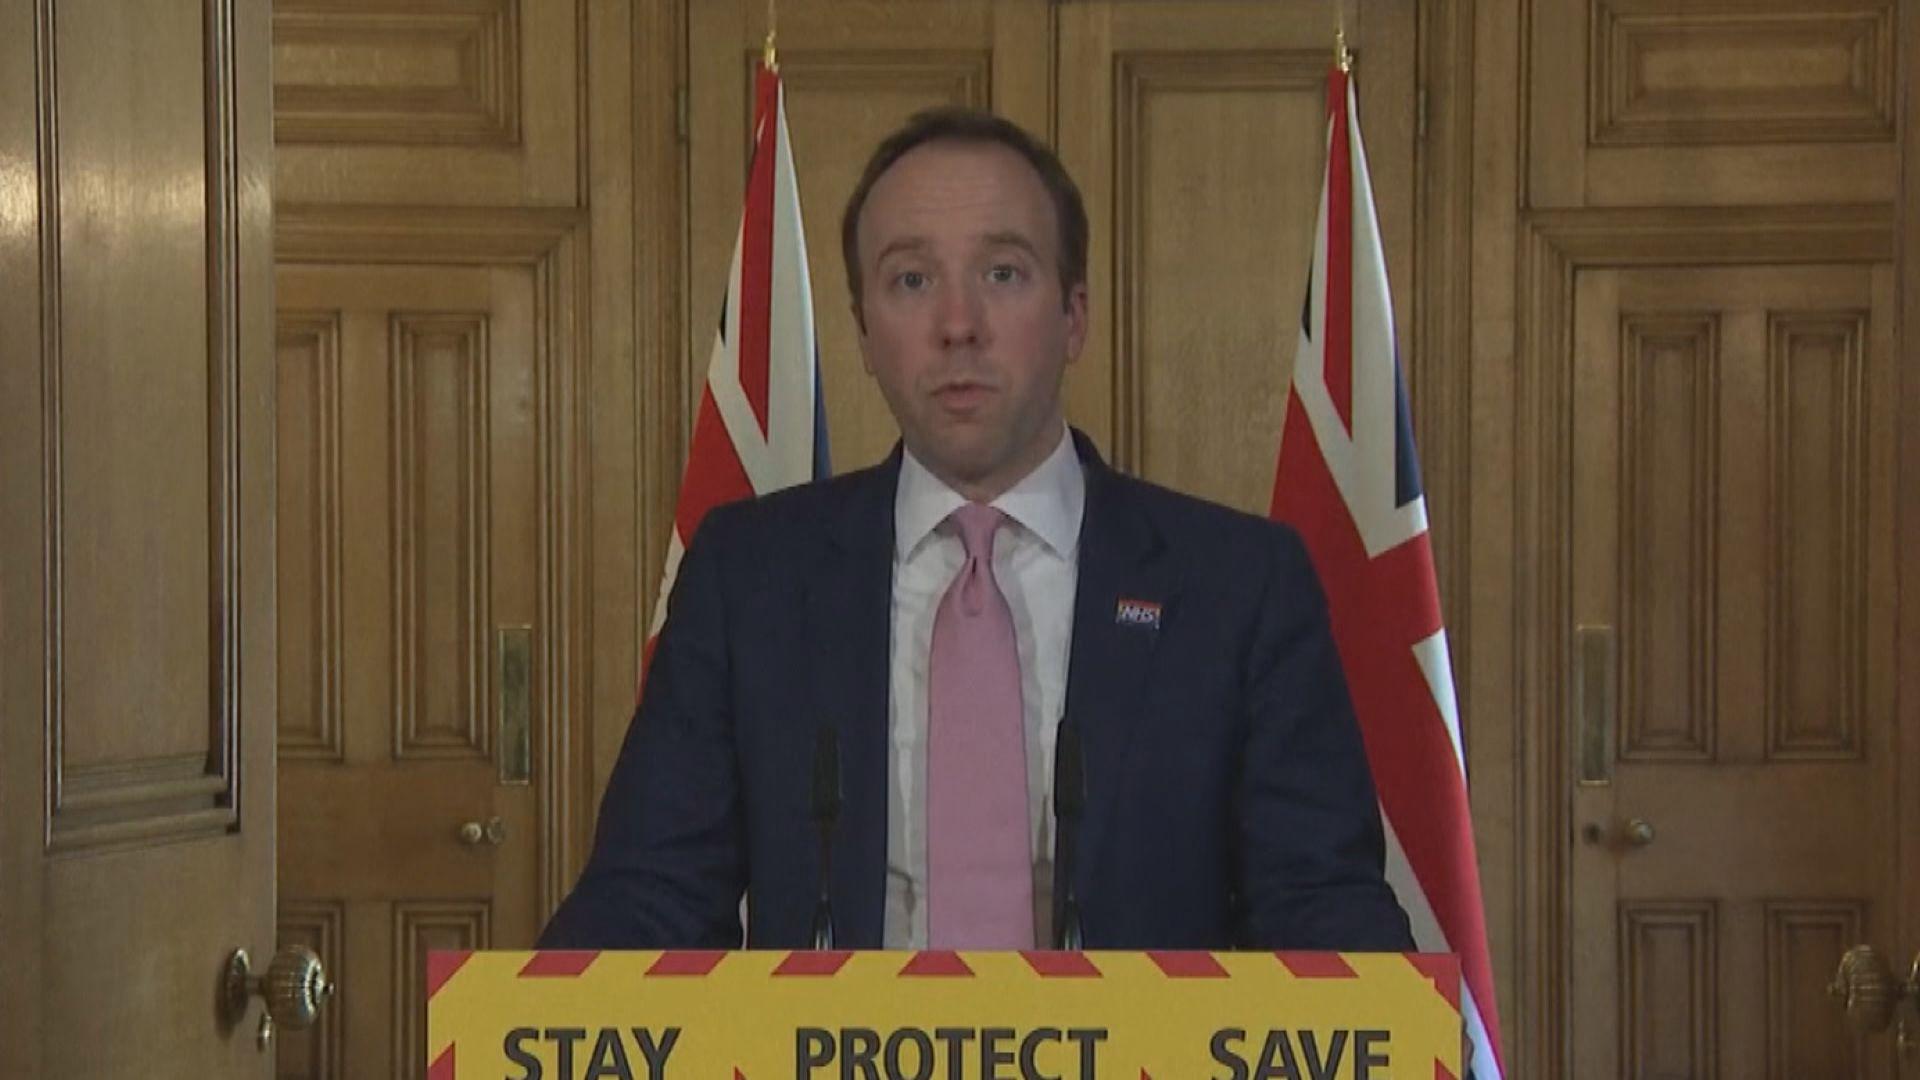 英國衛生大臣警告不排除進一步限制民眾活動